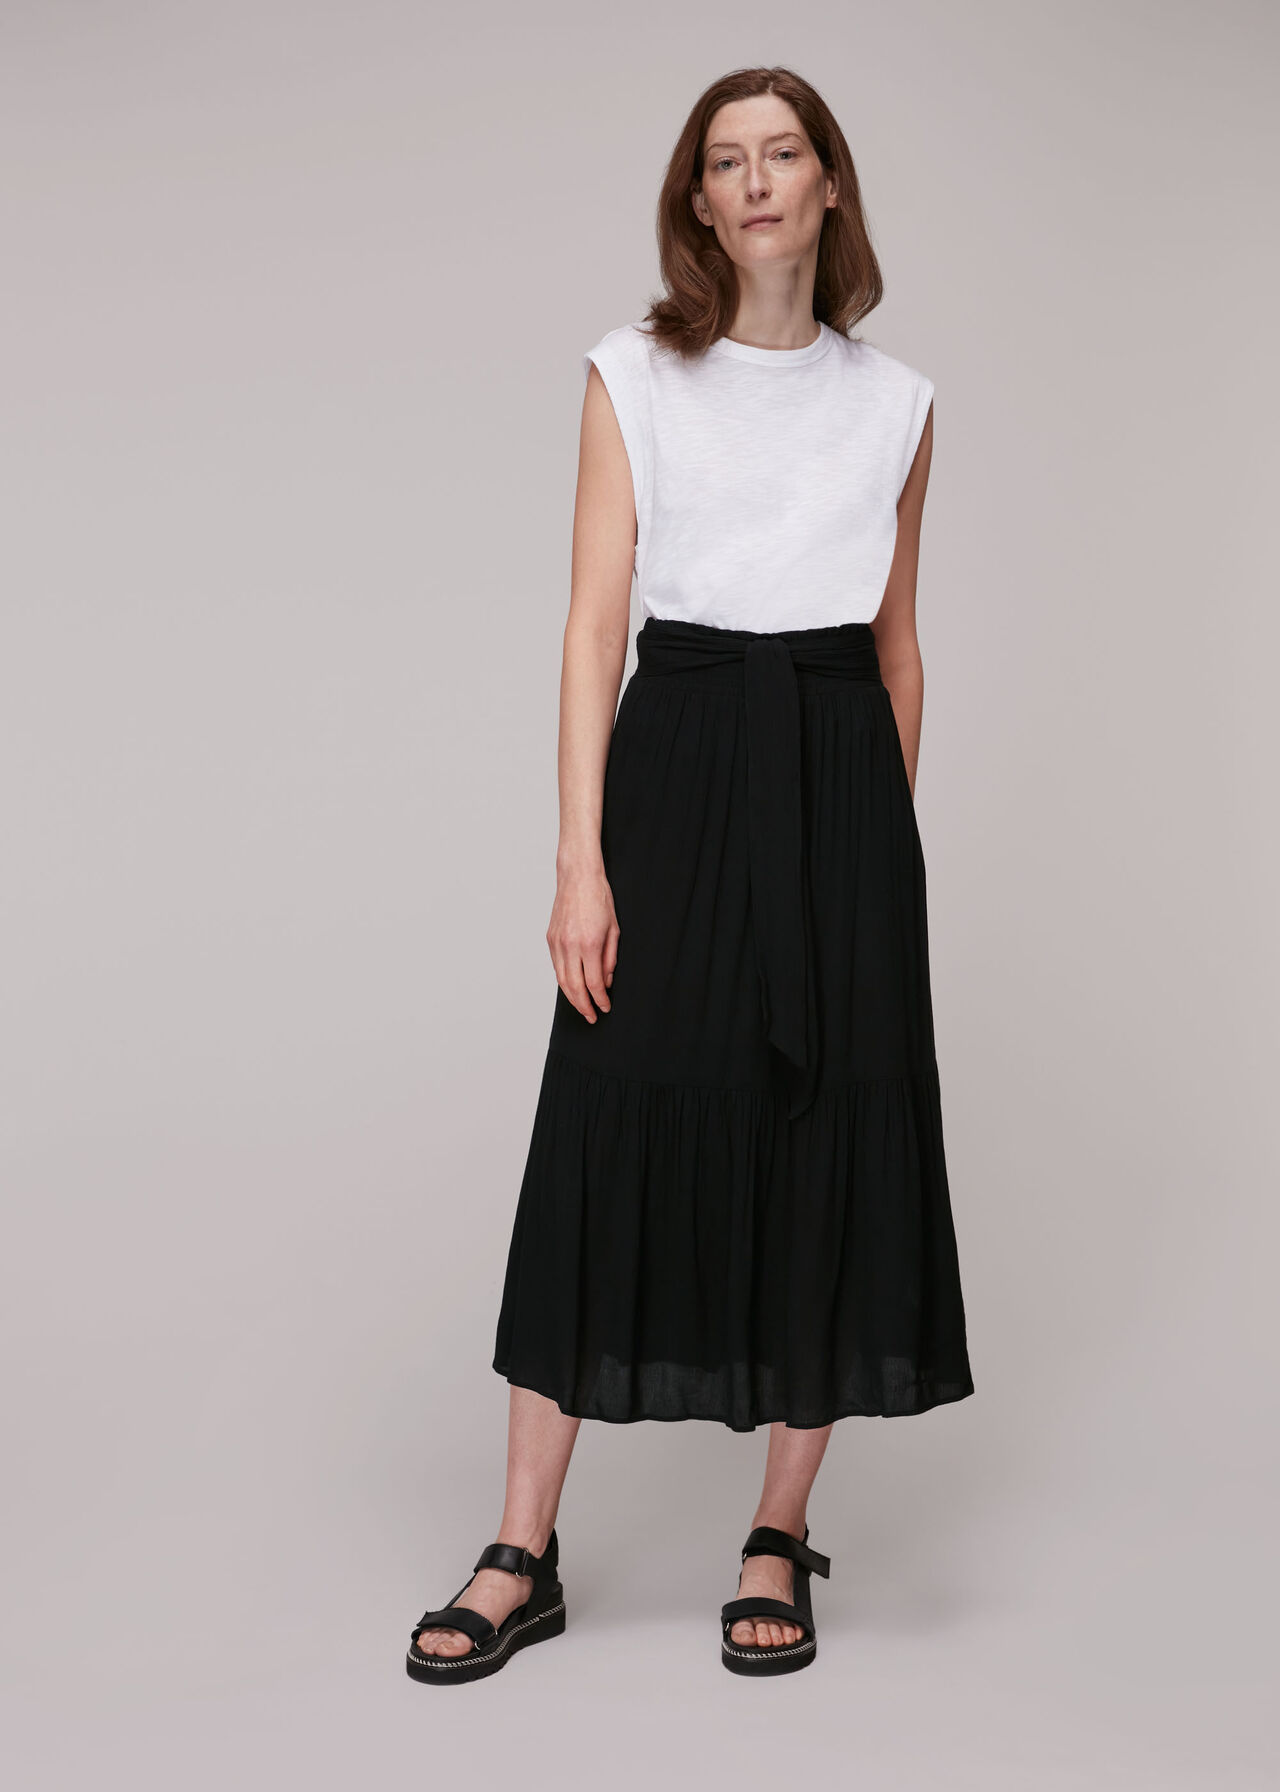 Smocked Waist Skirt Black